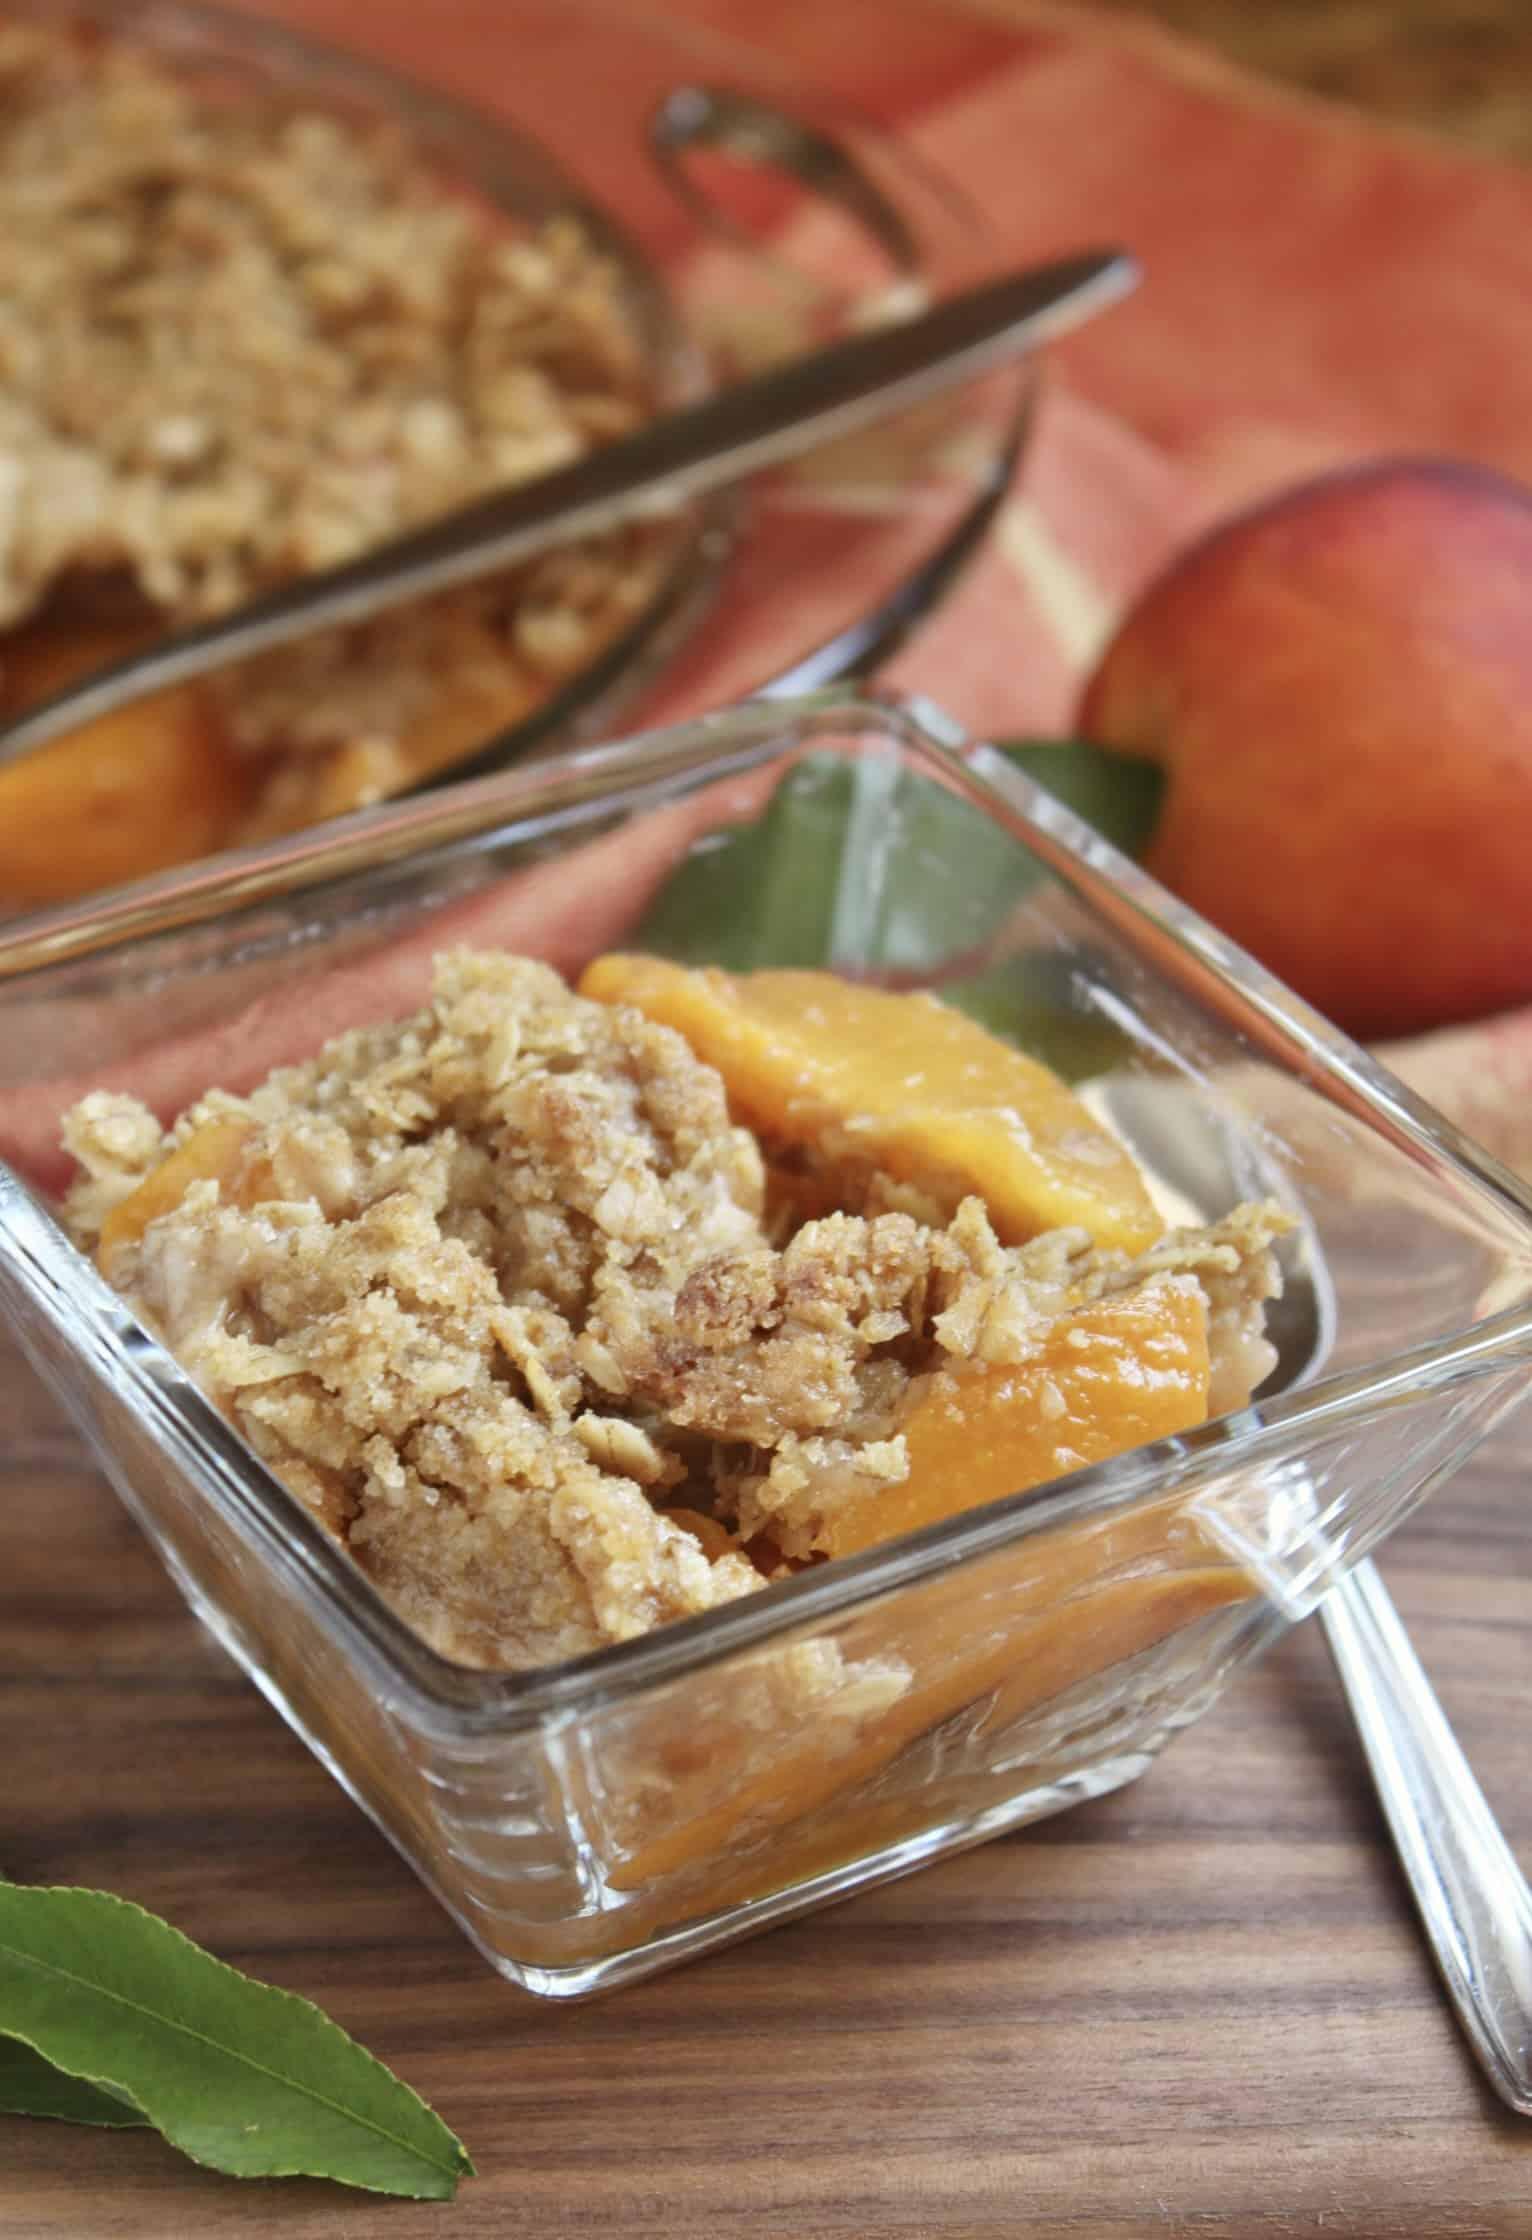 peach crisp in a bowl